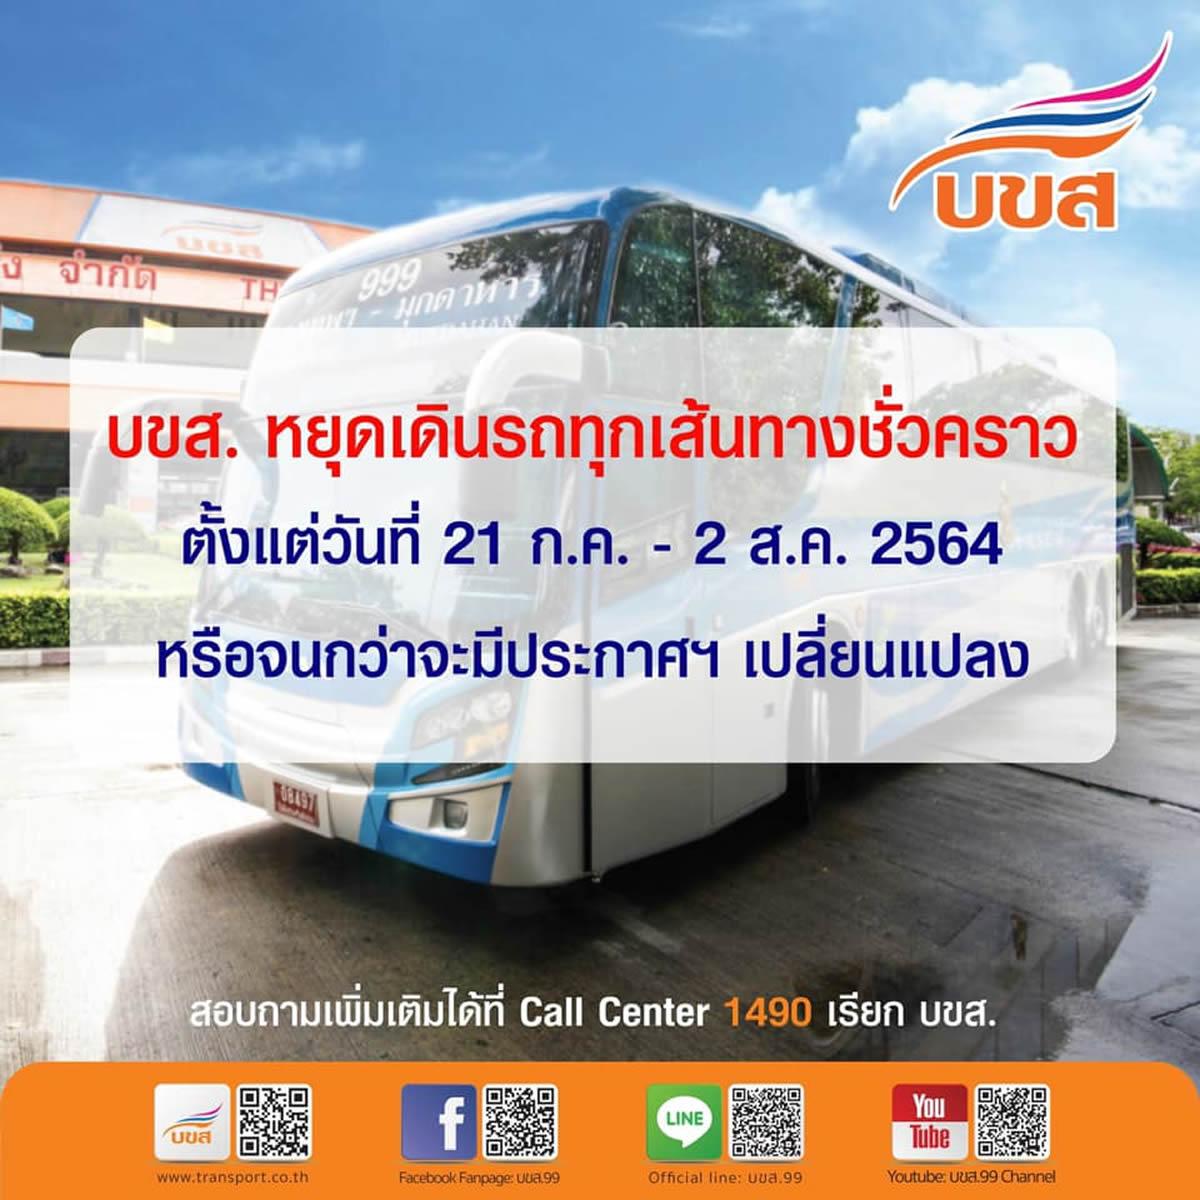 タイ全国の長距離バスの運行を休止、2021年7月21日から